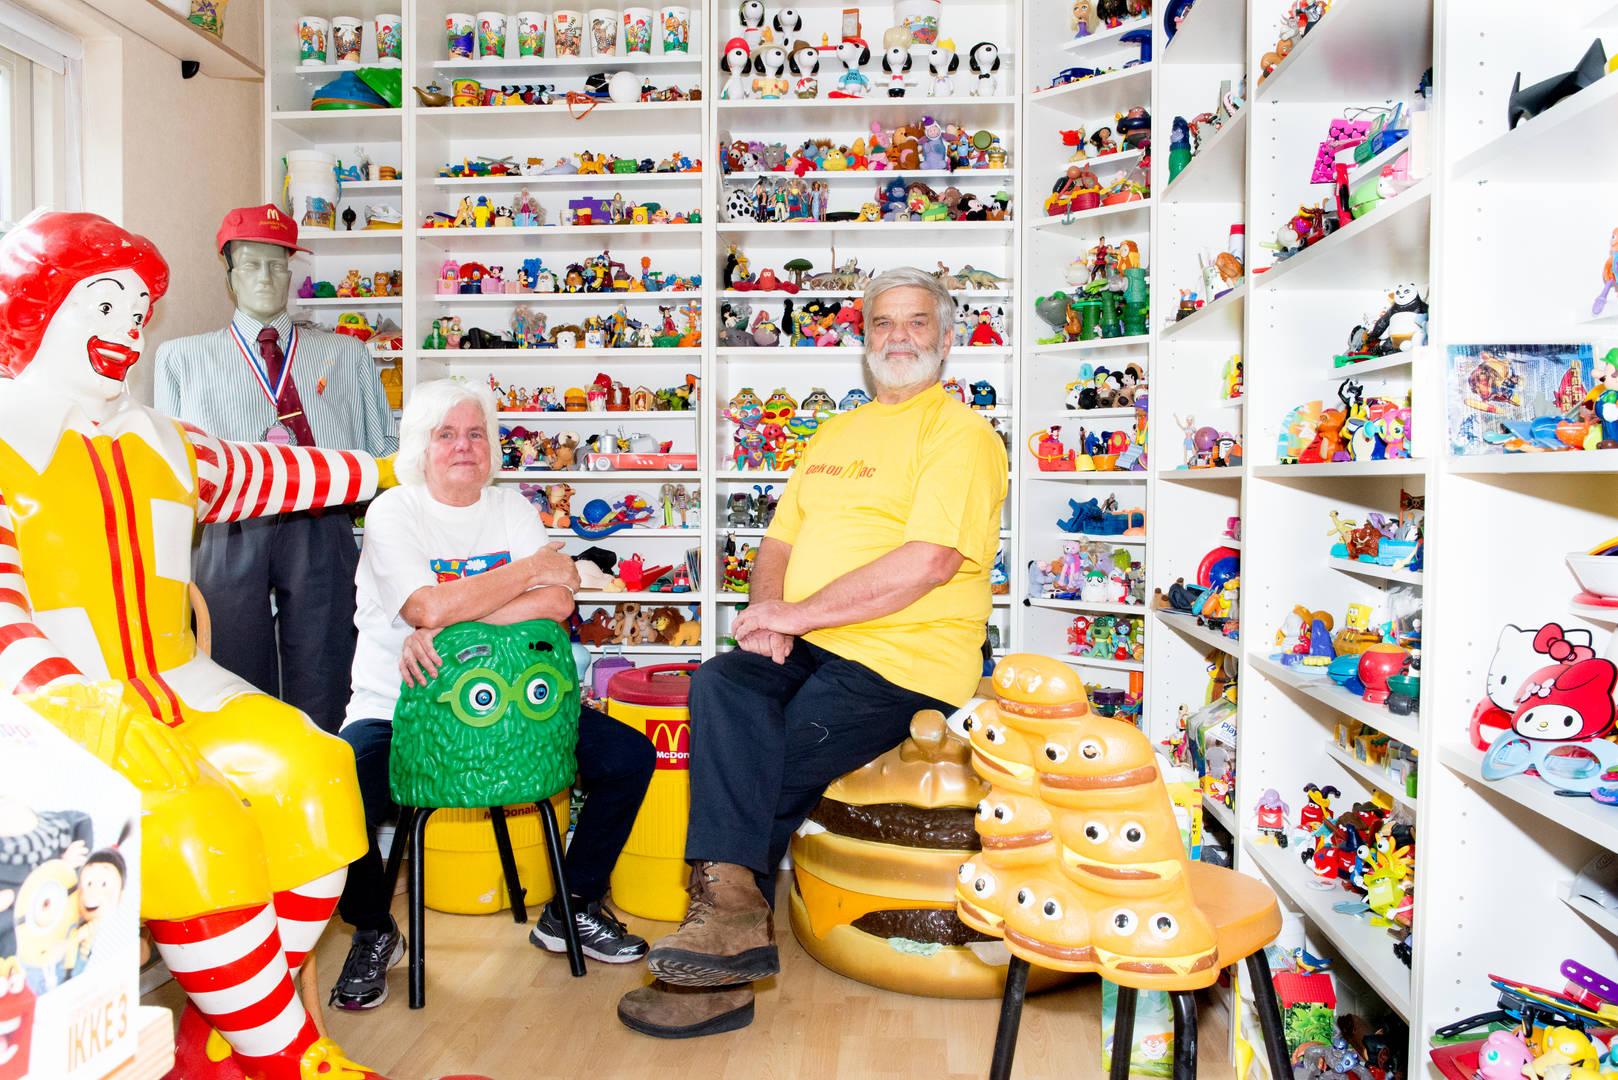 Rob (70) en Bep (66) uit Soest verzamelen al 18 jaar alles van McDonalds en hebben inmiddels een verzameling van meer dan 20.000 items.   Bep: 'Eerst waren het alleen de Happy Meal speeltjes uit Nederland. Toen we dat bijna compleet hadden zijn we ook kleding, meubilair, drukwerk en alles van de merchandising gaan sparen. Inmiddels zijn we 18 jaar verder en kunnen we zeggen dat we de grootste complete McDonalds verzameling van Nederland hebben, dat is wel iets om trots op te zijn.' Rob: 'Er zijn altijd mensen die iets van de McDonald's voor ons meebrengen als ze in het buitenland zijn geweest, zelfs de buren. En op verzamelaarbeurzen, waar we regelmatig onze verzameling tentoonstellen, ontmoeten we mensen die de gekste dingen kunnen bijdragen aan onze verzameling.' Bep: 'Door onze  verzameling hebben we er een hele familie bij, het voelt alsof we door de verzameling heel veel liefde ontvangen. Ook in moeilijke tijden, zoals vorig jaar - toen mijn moeder ernstig ziek werd - ontvingen we van mensen die we kennen via het verzamelen een kaartje. Dat geeft veel troost op zo'n moment.' Rob: 'Gek genoeg heeft McDonald's niet zo veel aandacht voor onze verzameling en moeten we veel moeite doen om alle nieuwe speeltjes bij elkaar te krijgen. Daarom gaan we twee keer in de week langs het McDonald's restaurant hier in de buurt. Dan kopen we de speeltjes los van de Happy Meals. We eten nooit bij de MCDonalds, we drinken er hooguit een koffie.'